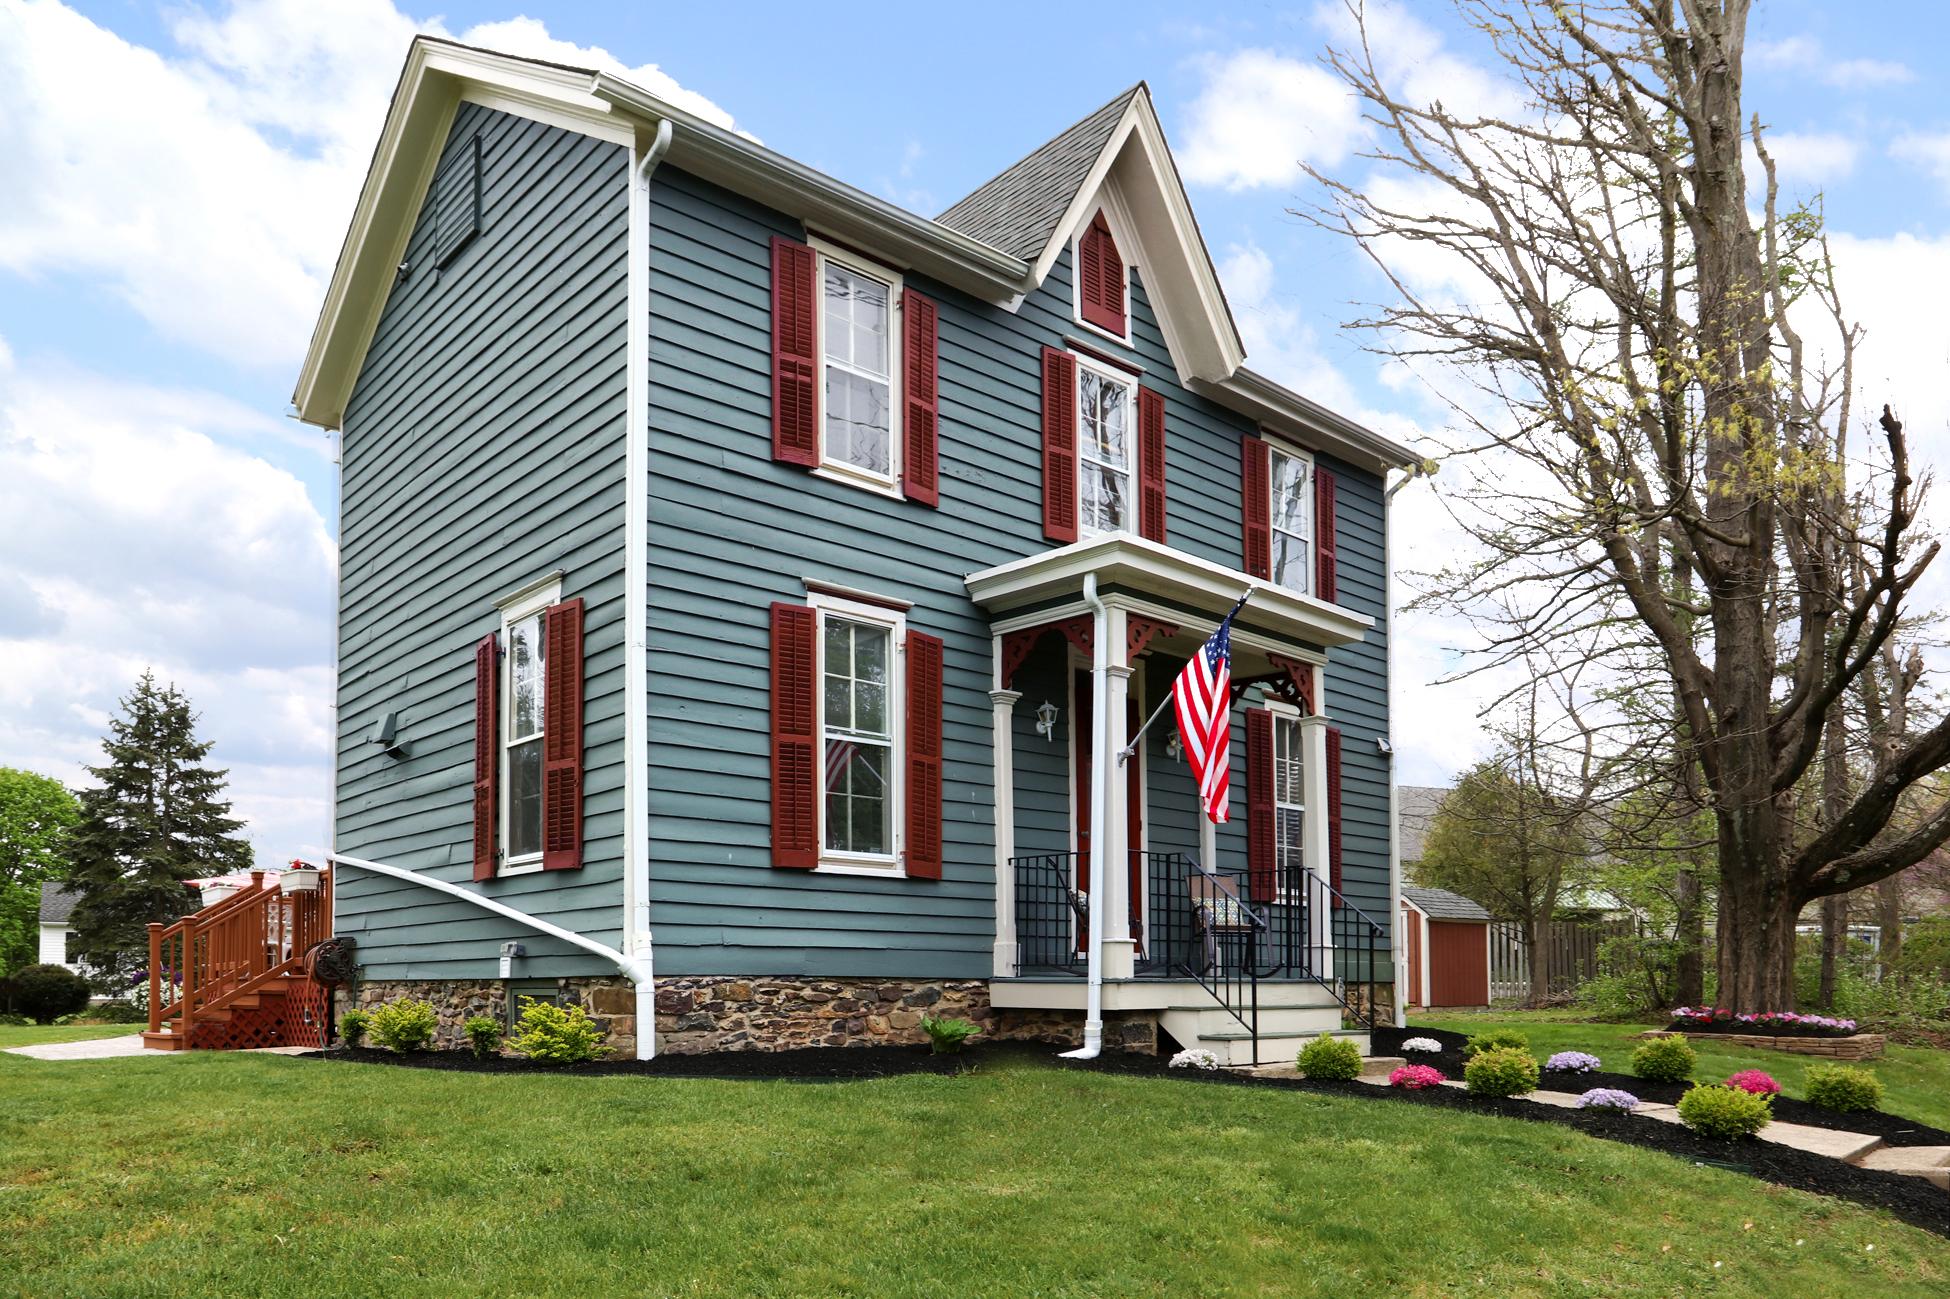 Частный односемейный дом для того Продажа на The Easy Pace Of Country Living - East Amwell Township 5 John Ringo Road Ringoes, Нью-Джерси 08551 Соединенные Штаты